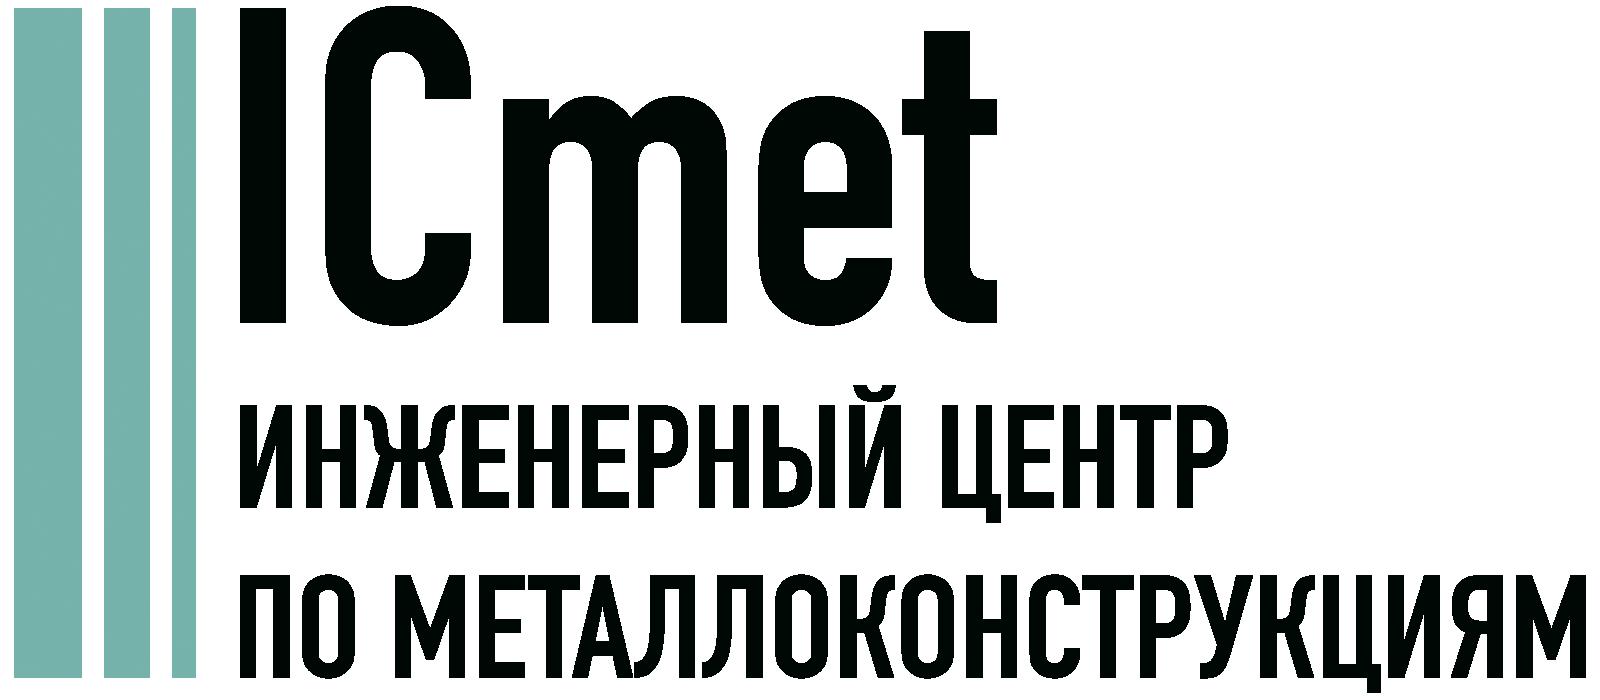 Проектирование металлоконструкций в Хабаровске